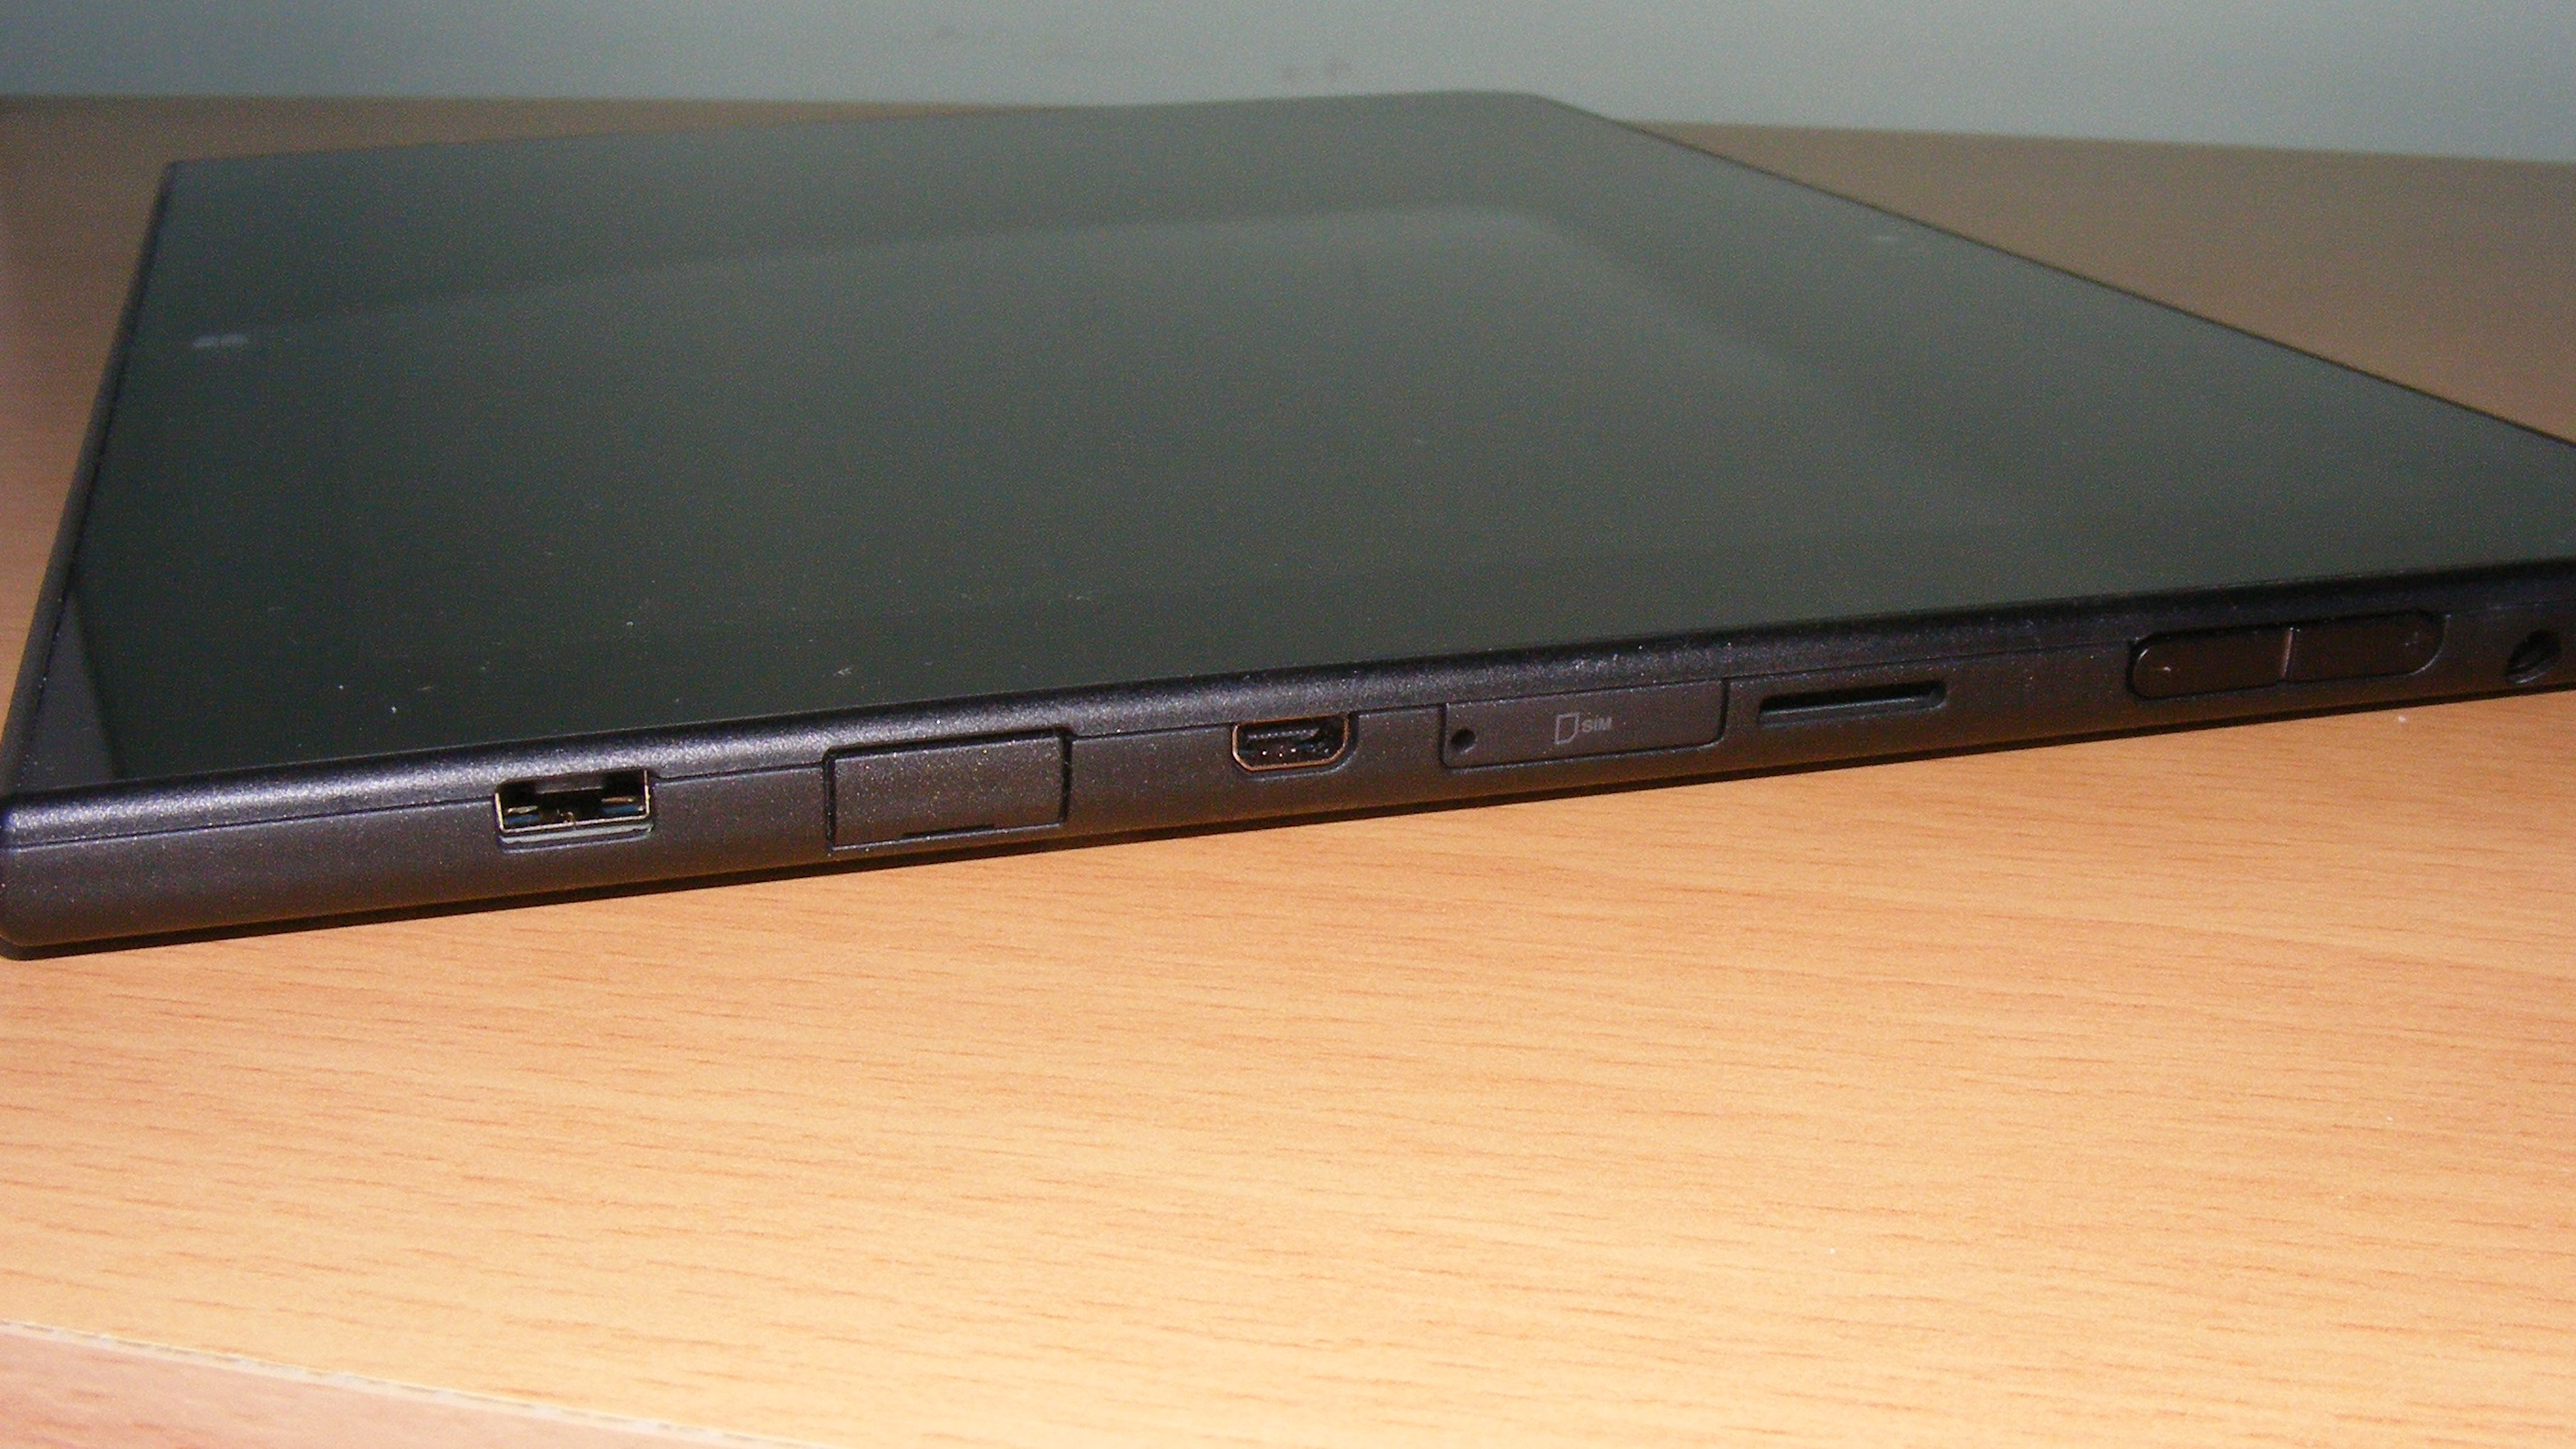 ThinkPad 10 ports